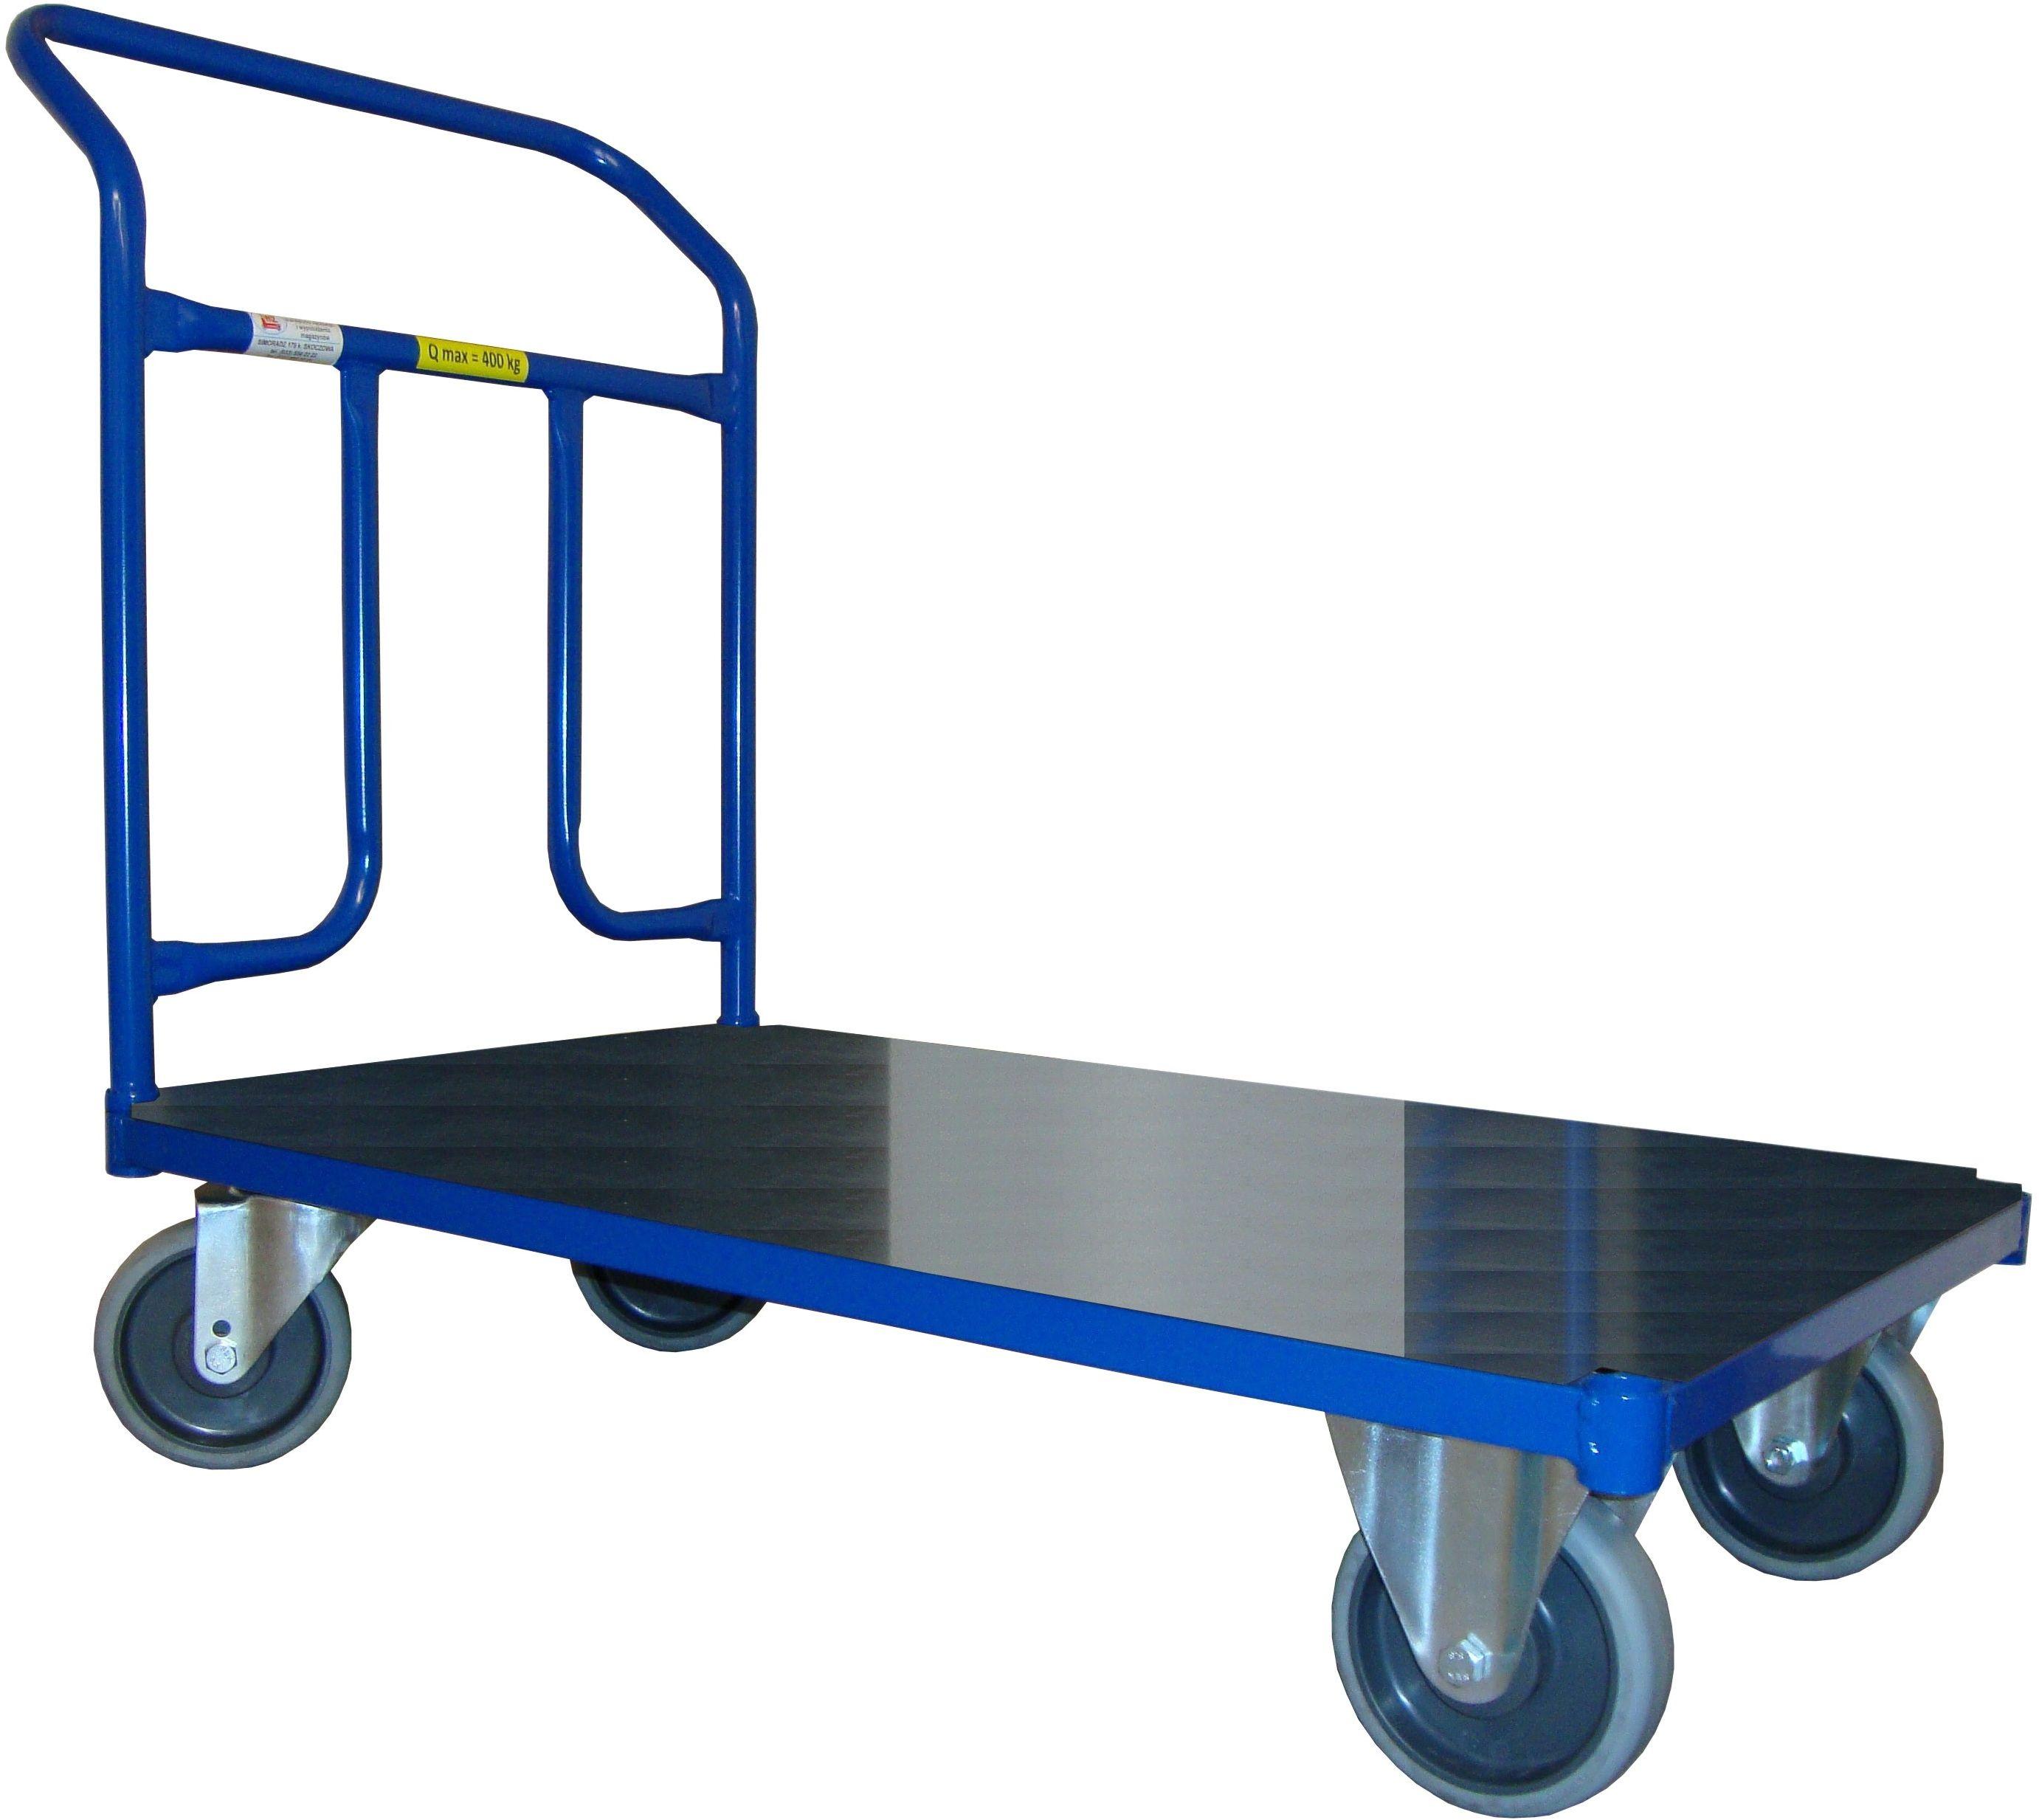 Wózek magazynowy platformowy, poręcz przykręcana, 400 kg